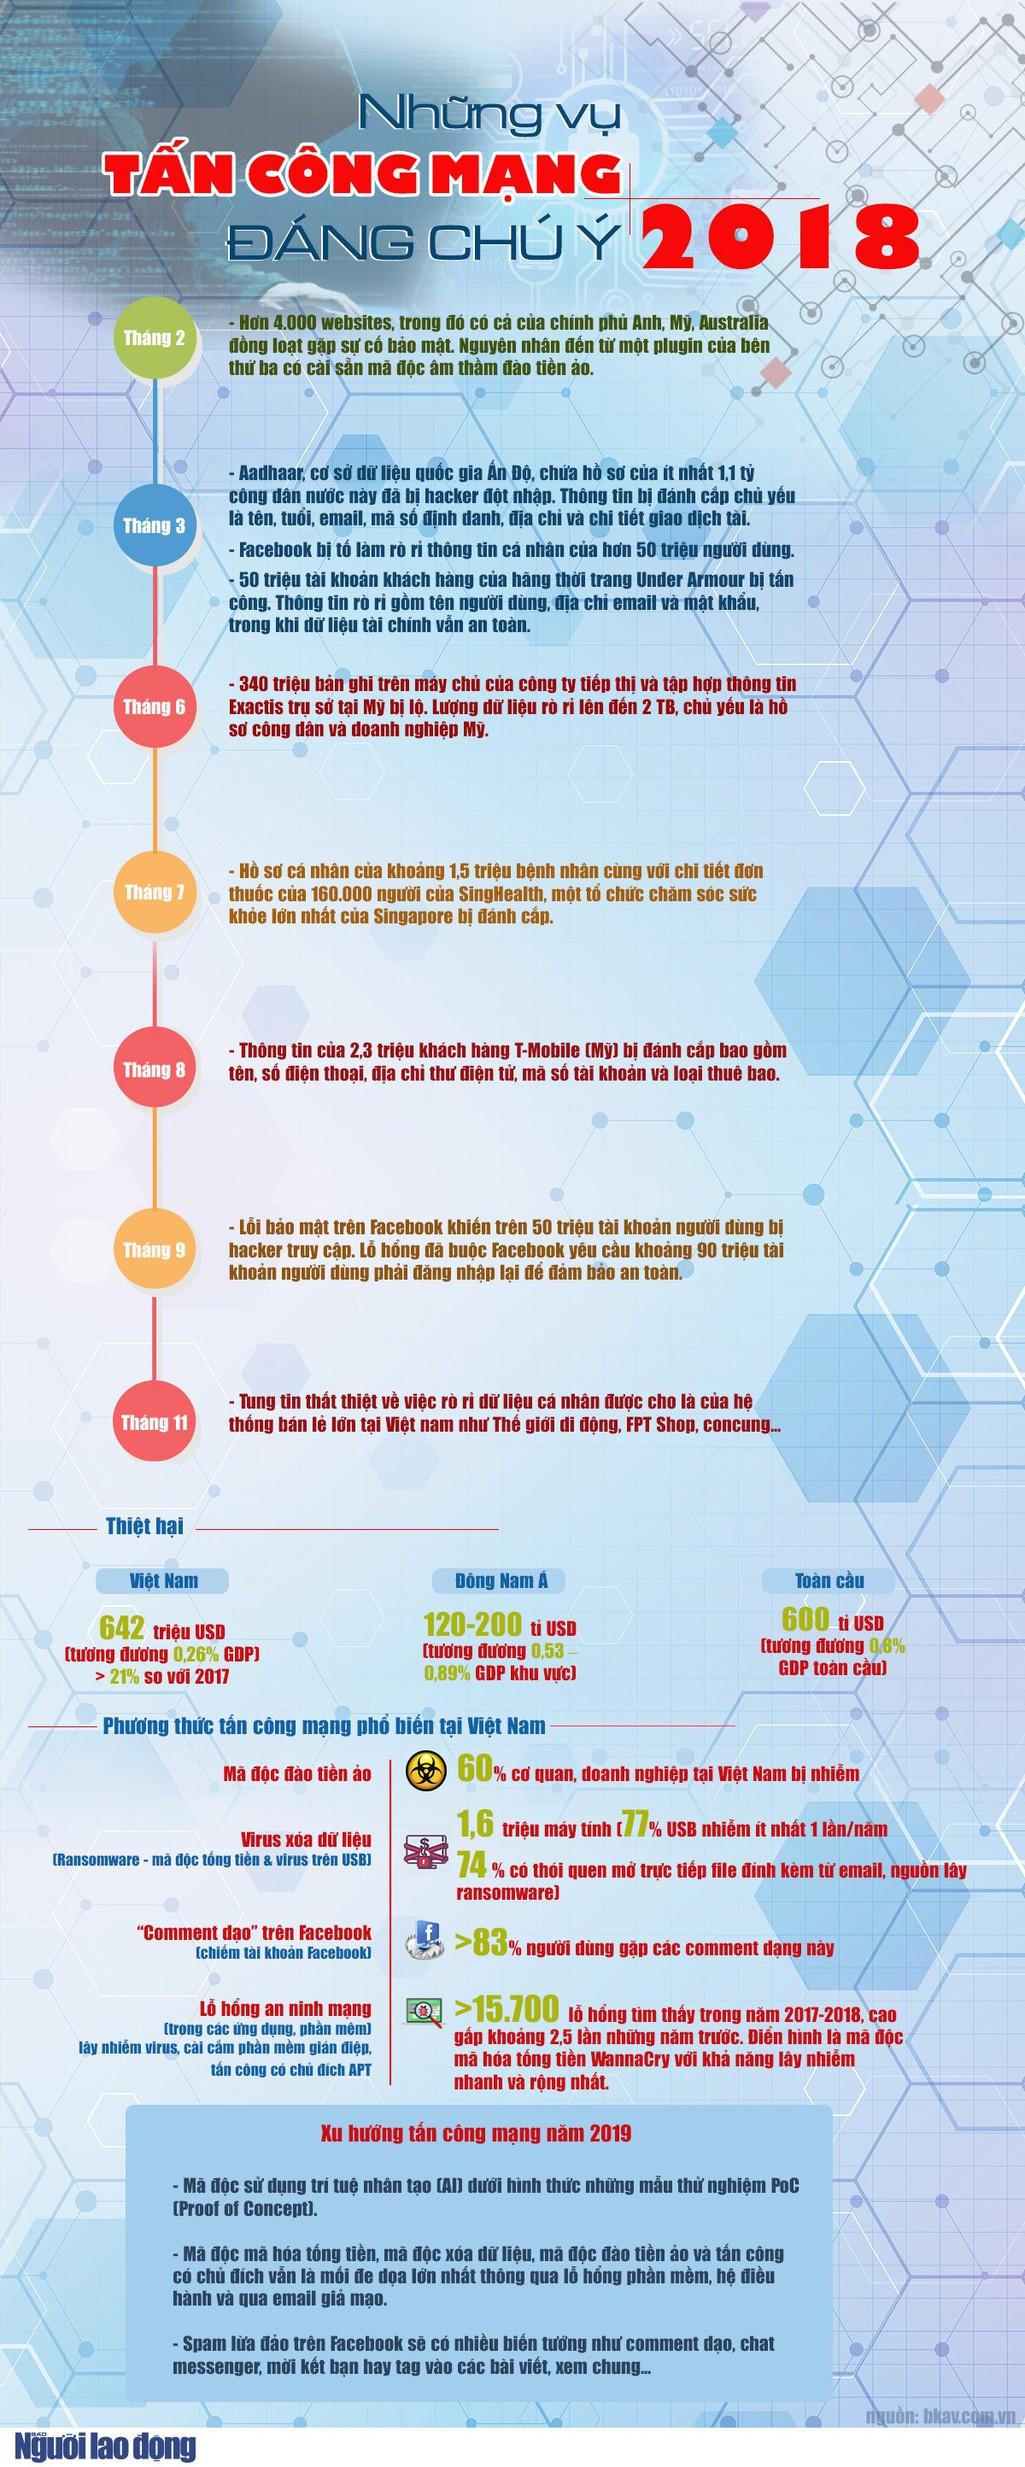 [Infographic] Những vụ tấn công mạng nổi bật năm 2018 - Ảnh 1.